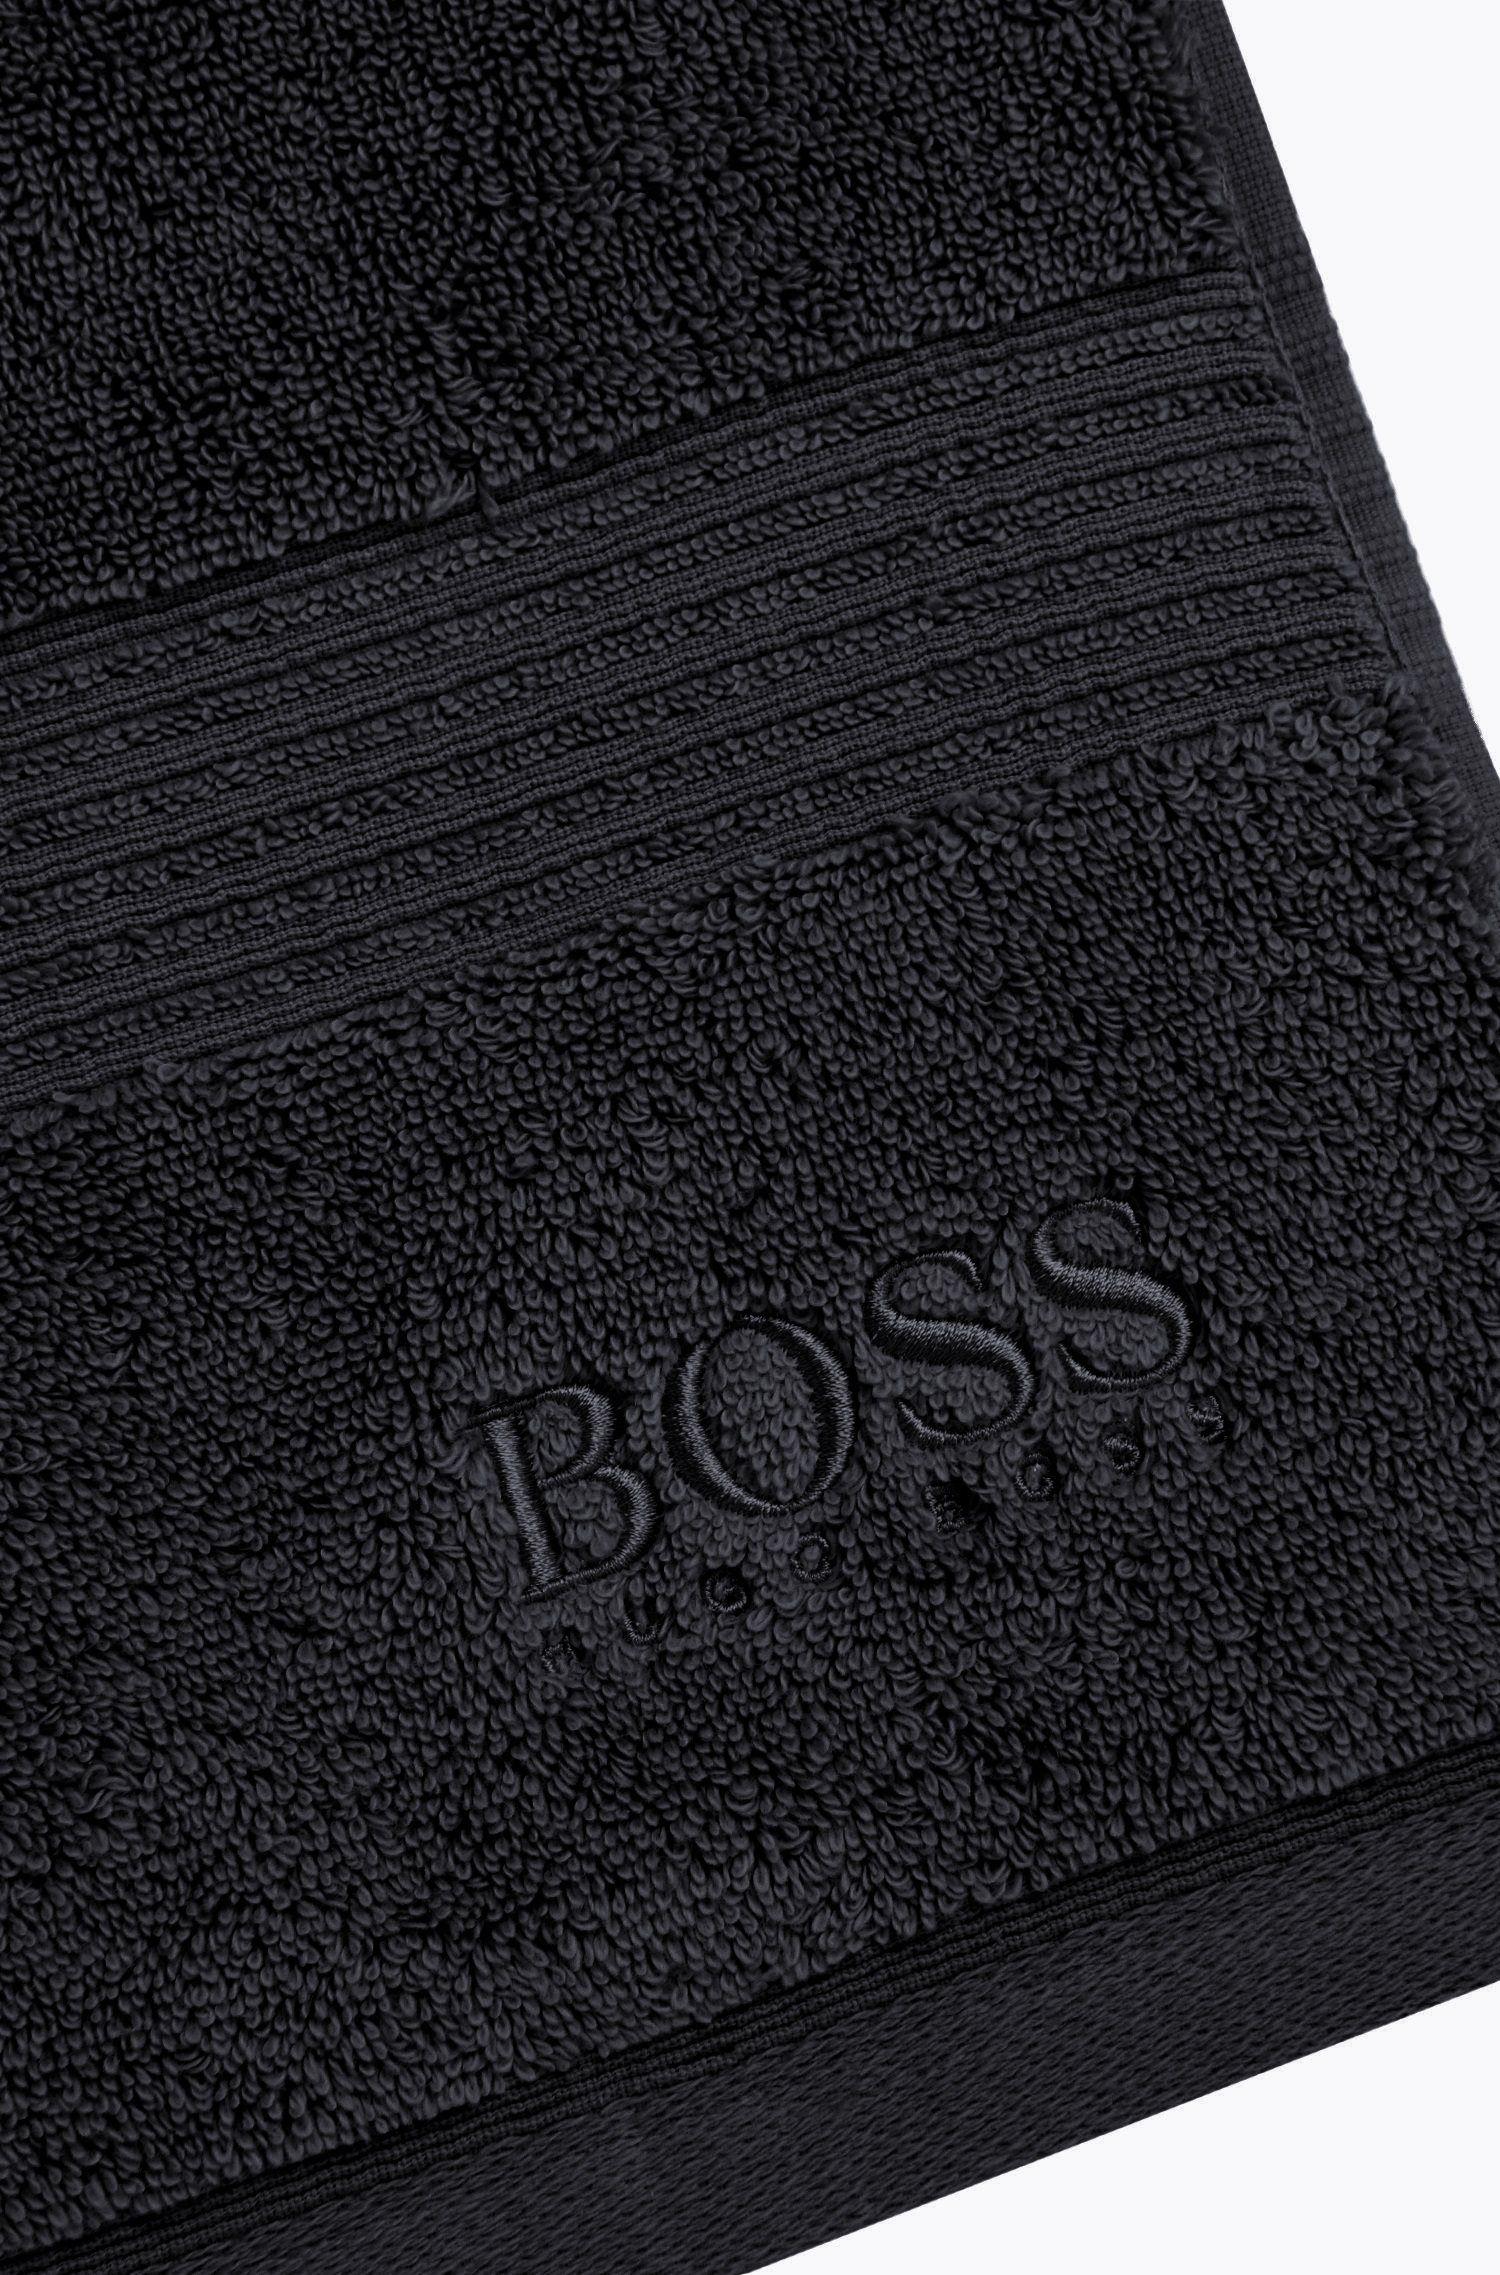 Handdoek van gekamde Egeïsche katoen met geribde rand, Zwart